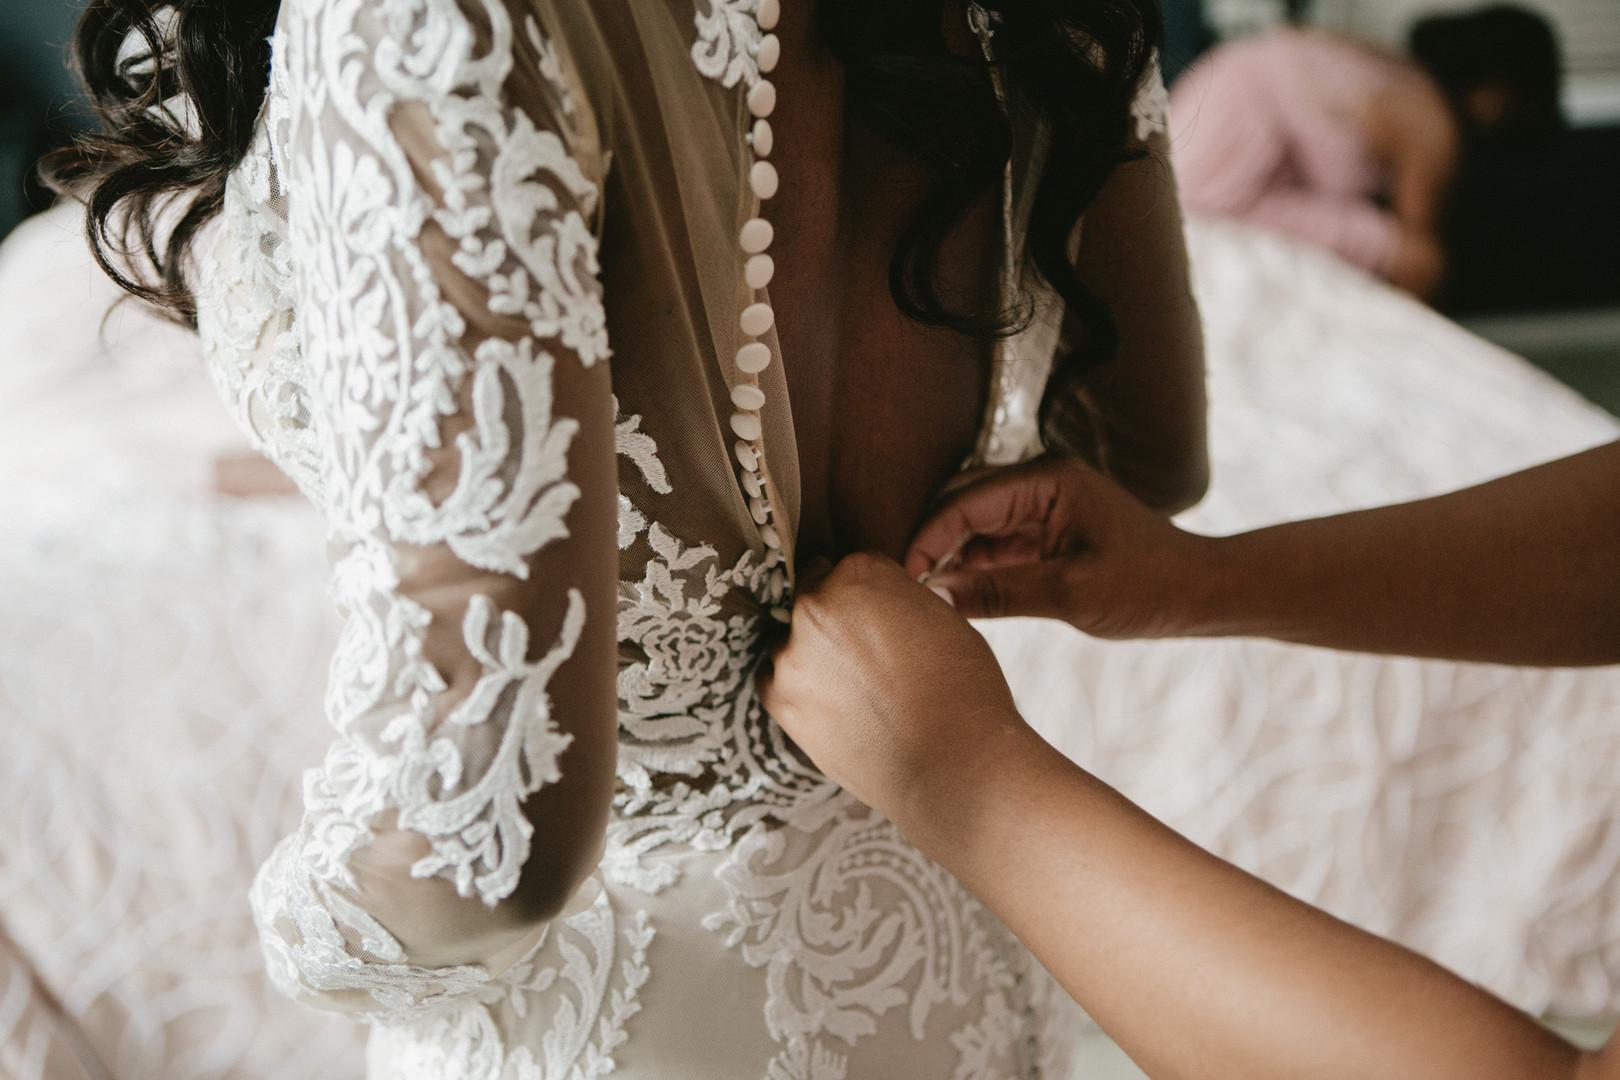 black bride getting dressed